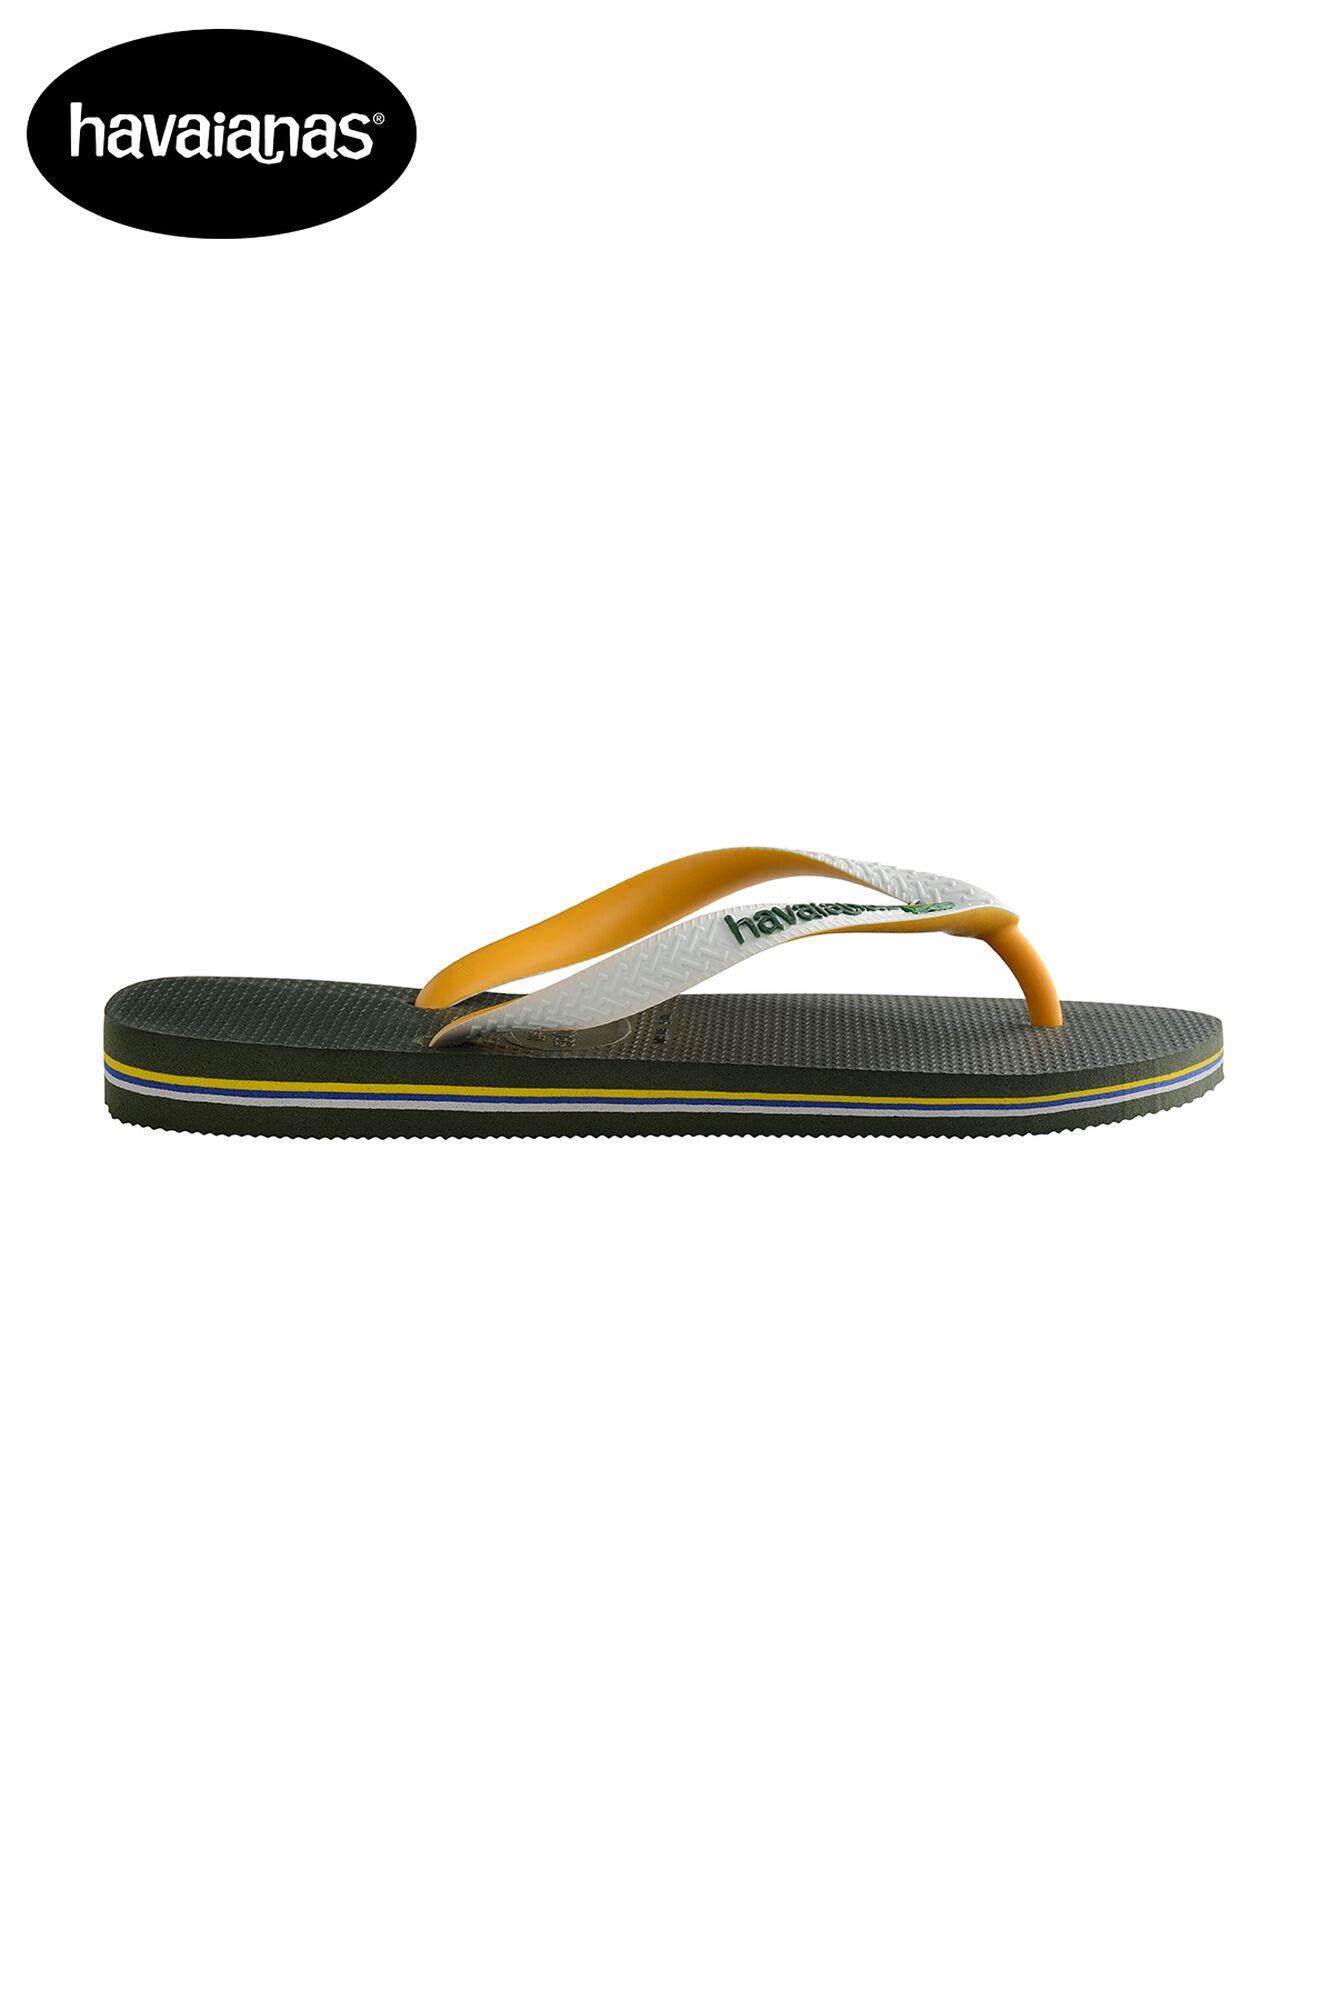 5a2c081c1558 Men · Shoes · Flip Flops. Havaianas Brasil Mix. Havaianas Brasil Mix.  Previous Next